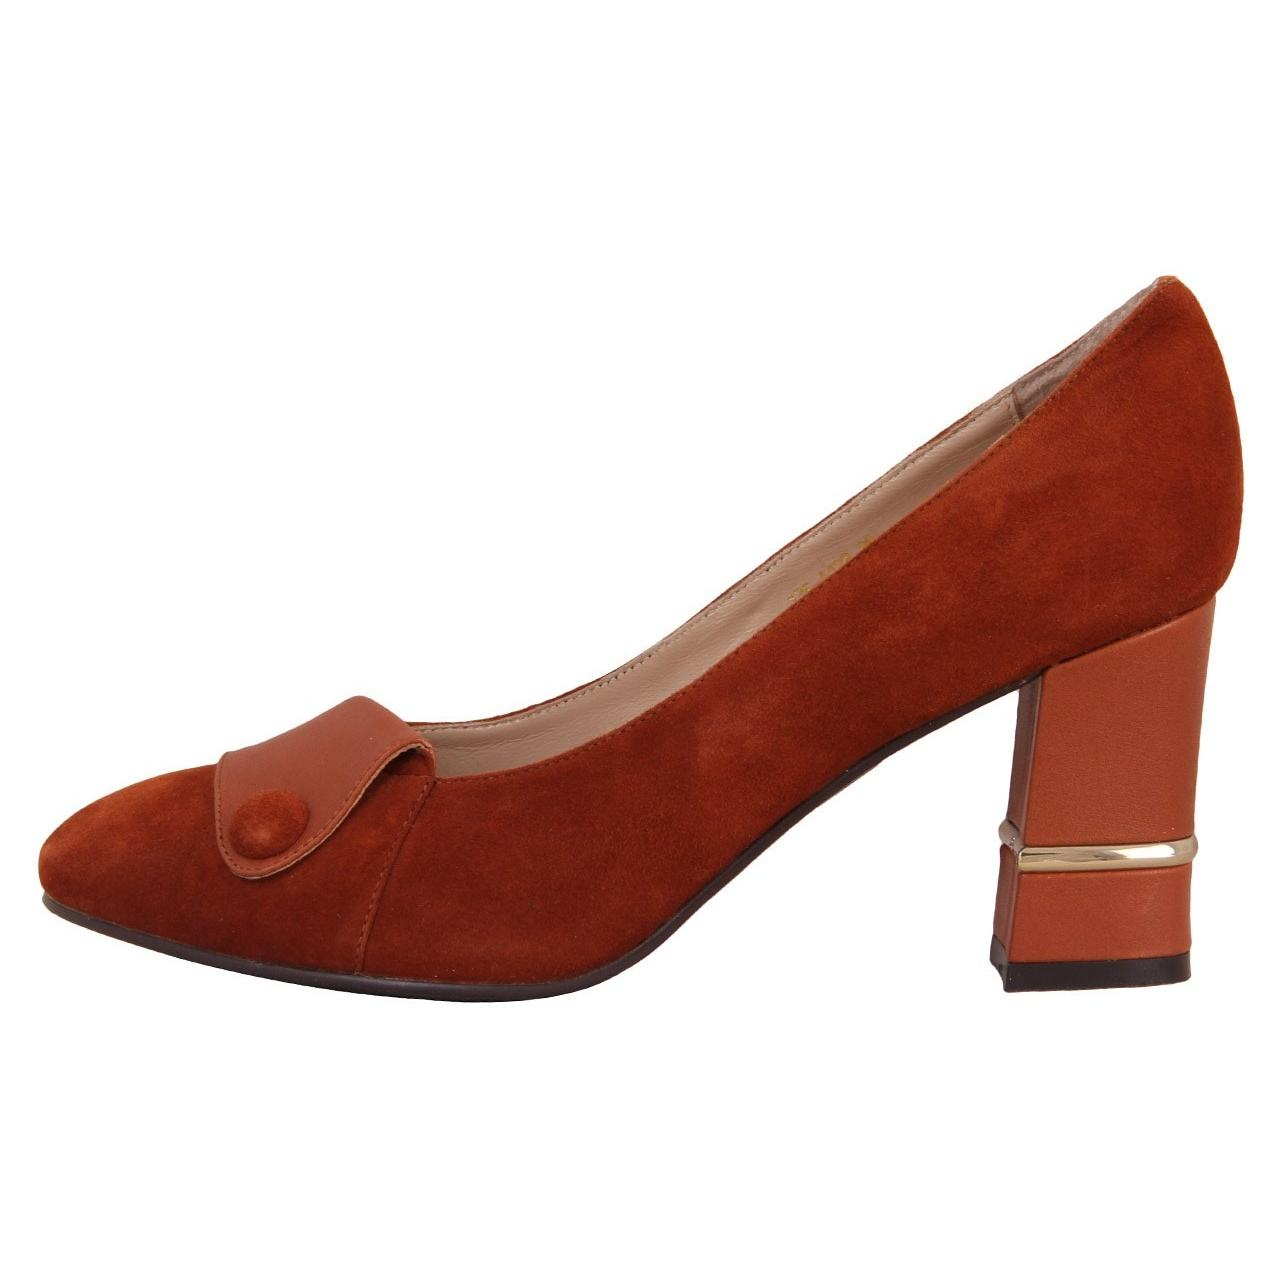 کفش زنانه  شهرچرم مدل 86-133-135 -  - 1